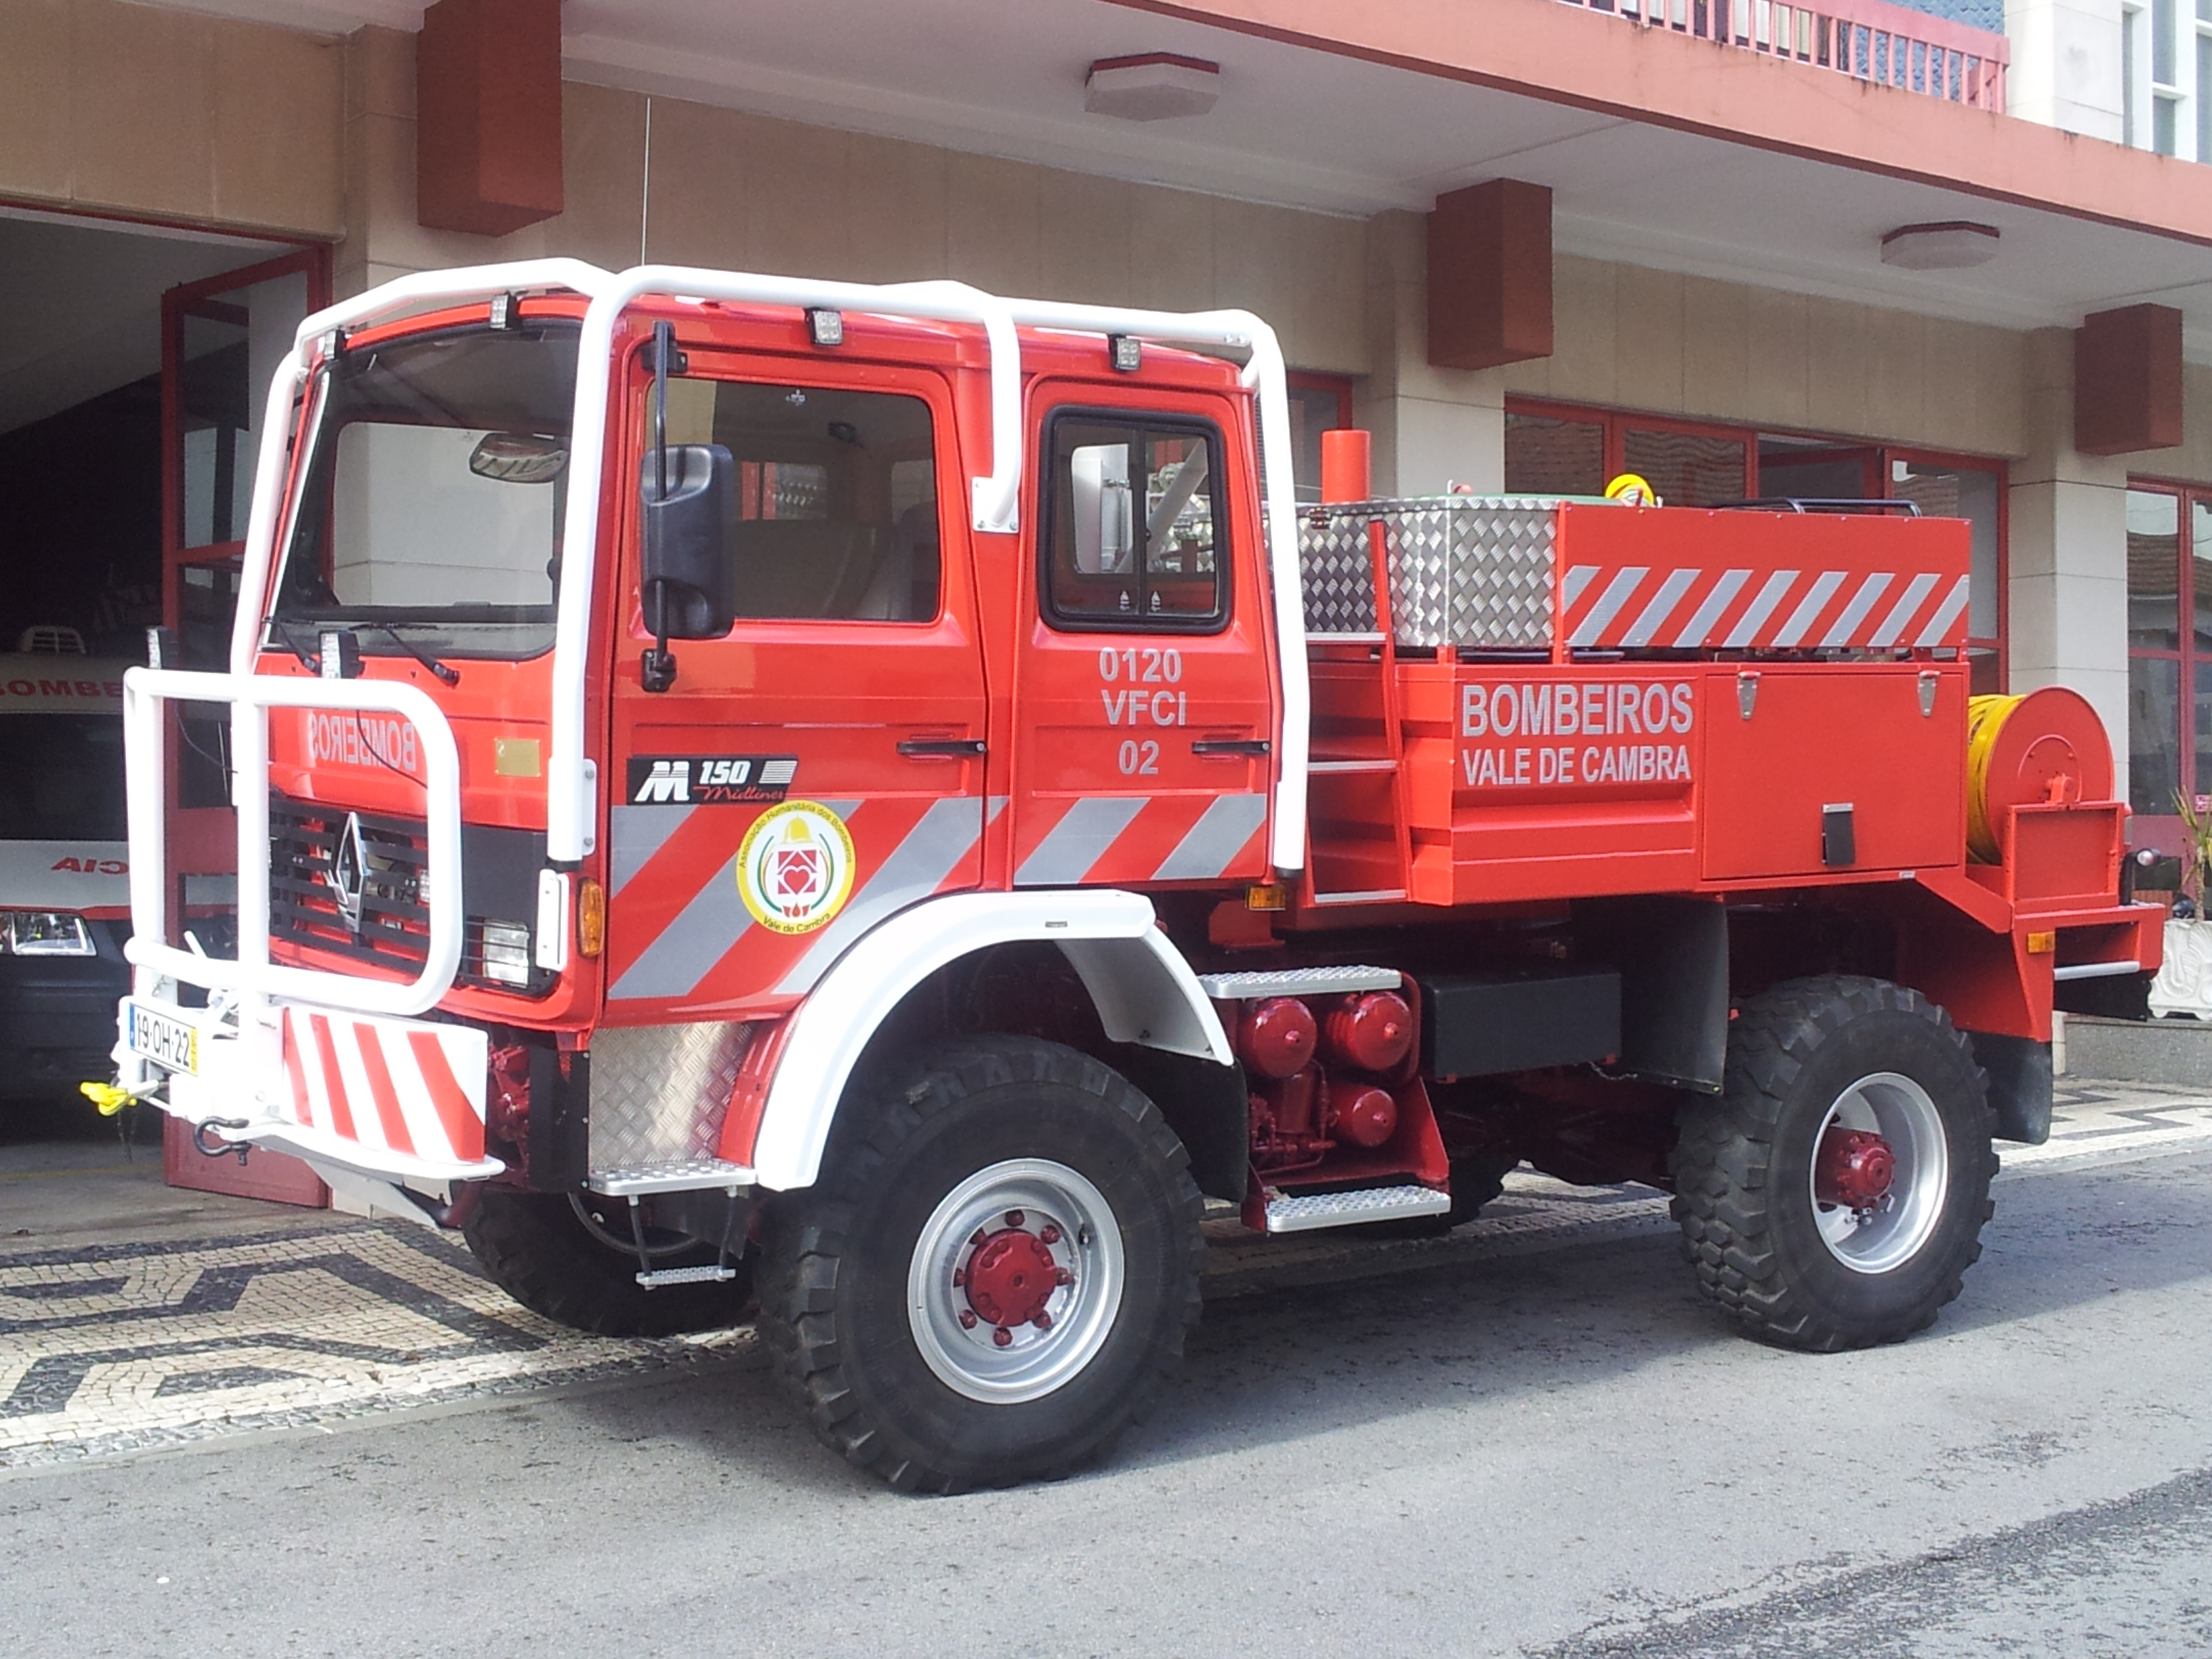 VFCI-02